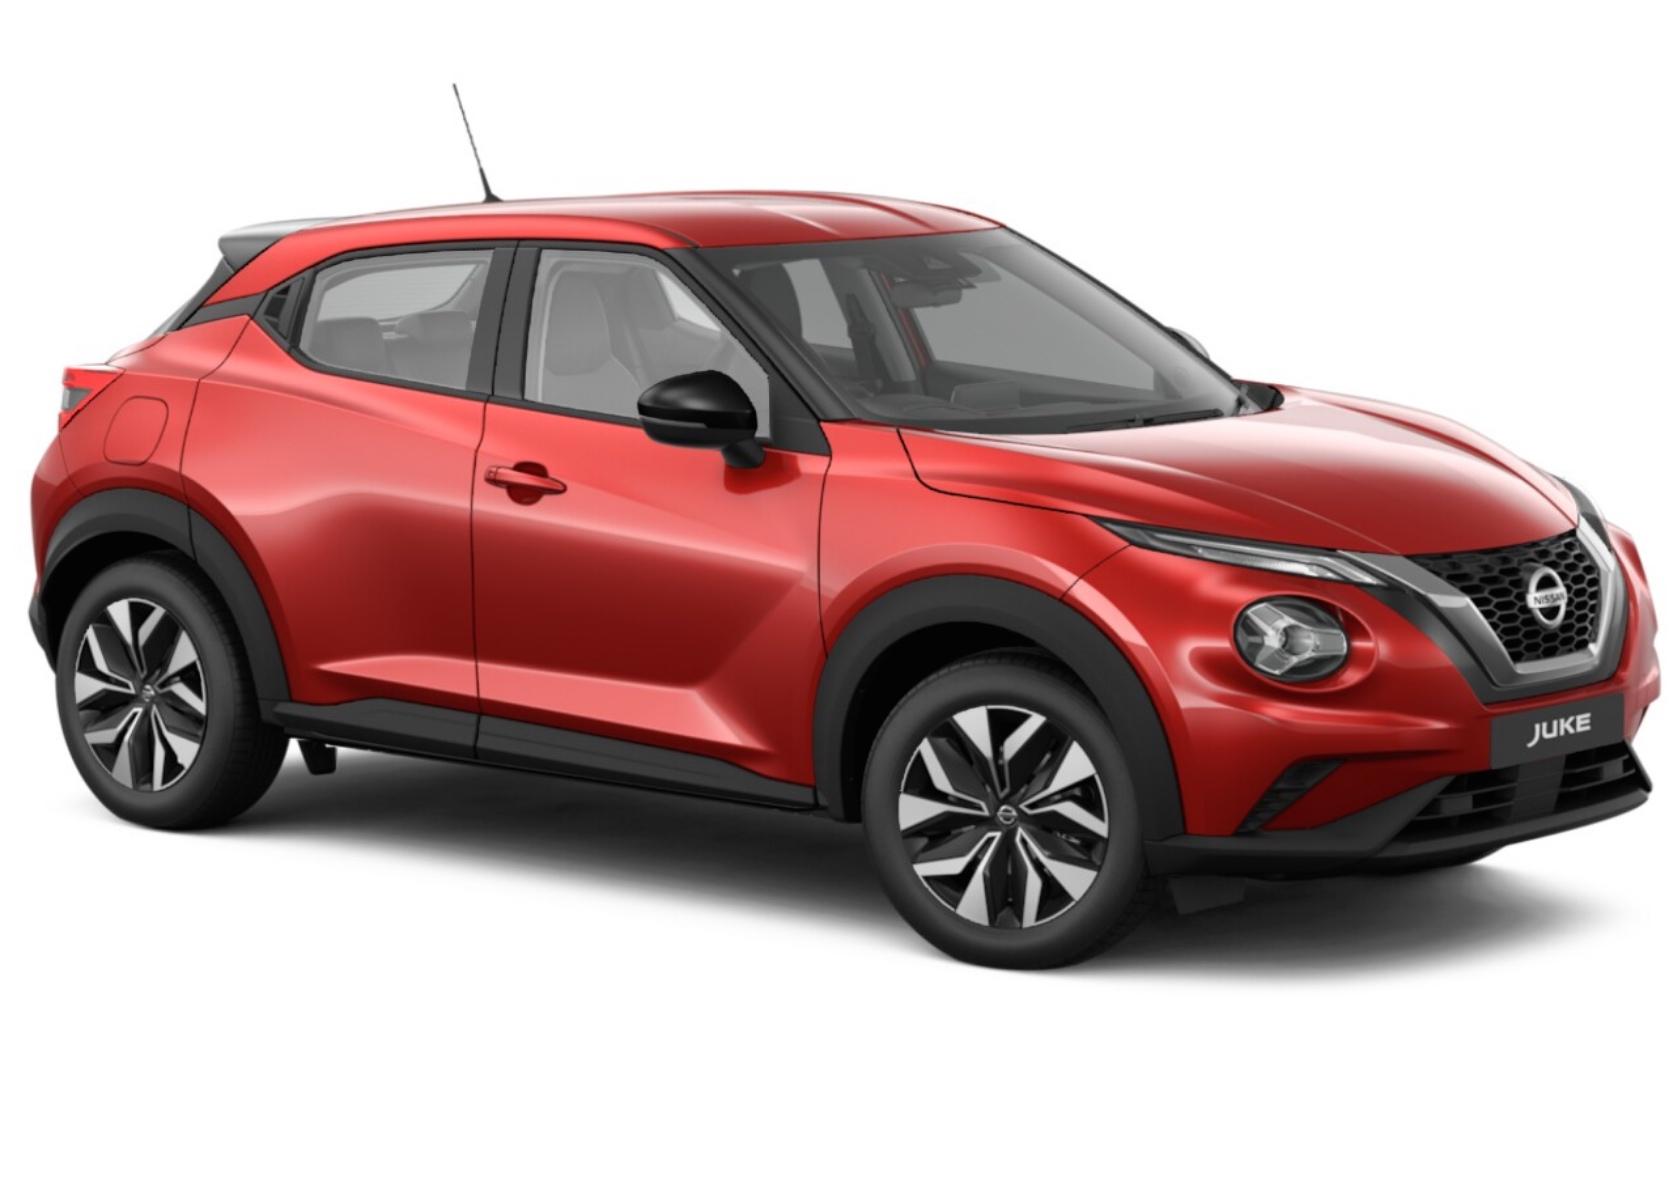 24 month lease - Nissan Juke Hatchback 1.0 DiG-T 114 Acenta 5dr - 8k miles p/a - £186pm + £557 initial = £4823 @ Whatcar (Nissan Holdcroft)